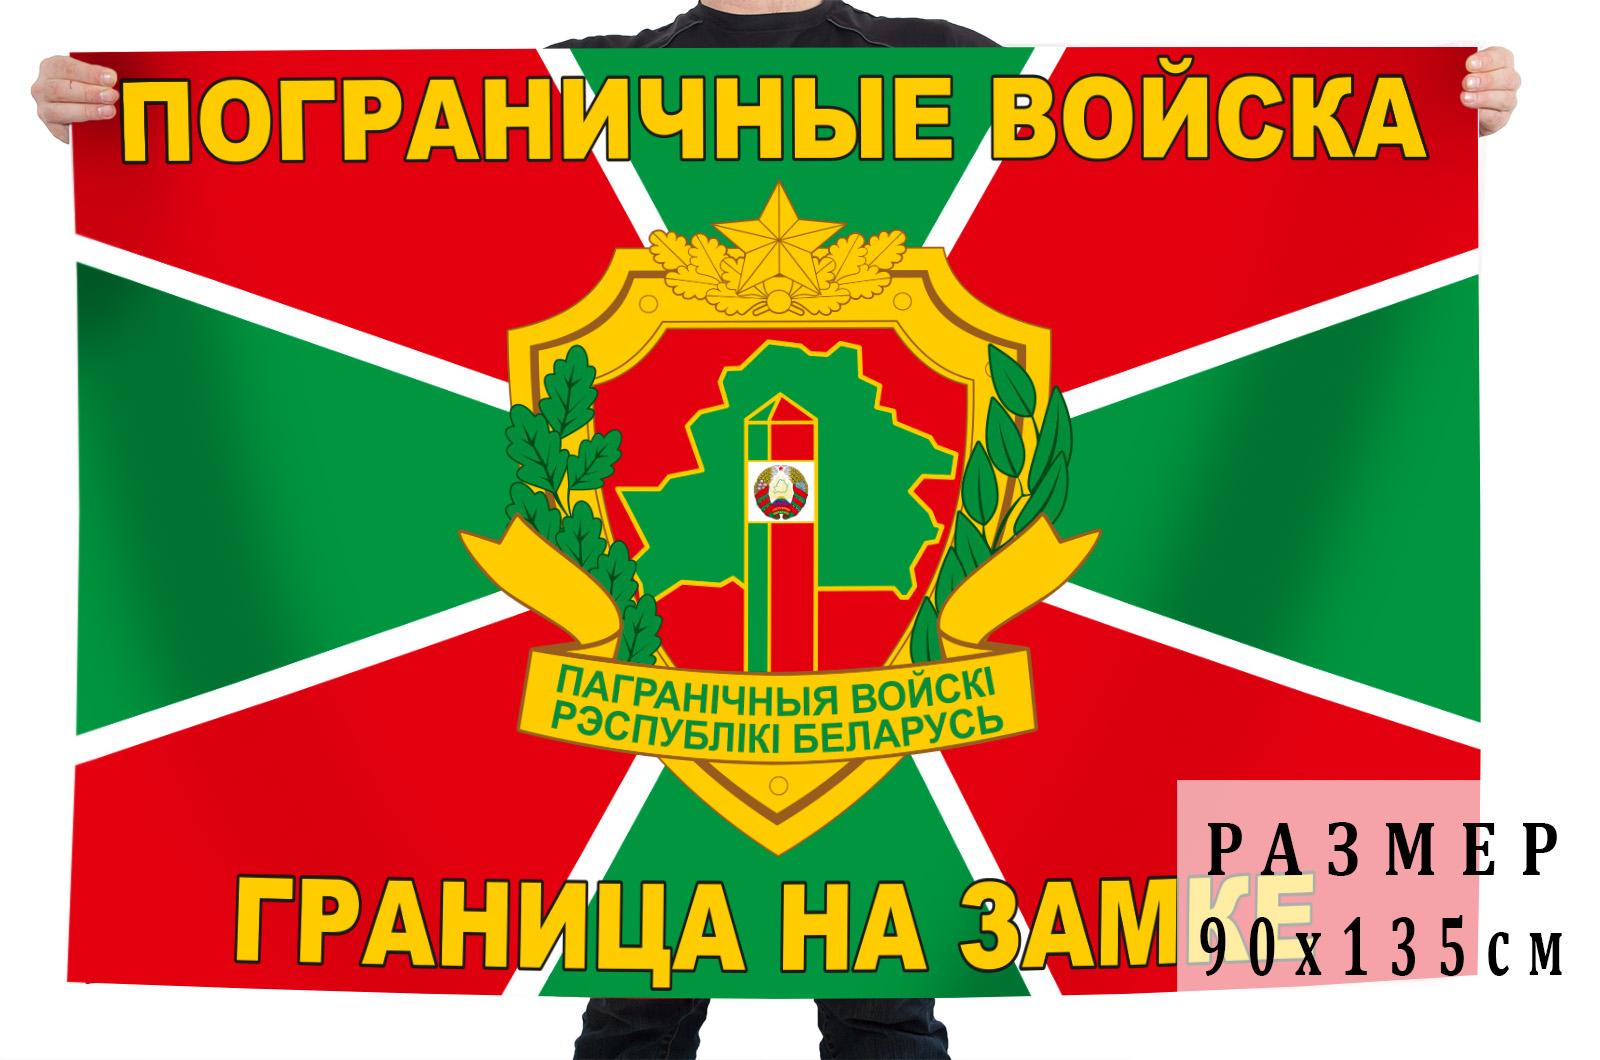 Флаг Пограничных войск Республики Беларусь